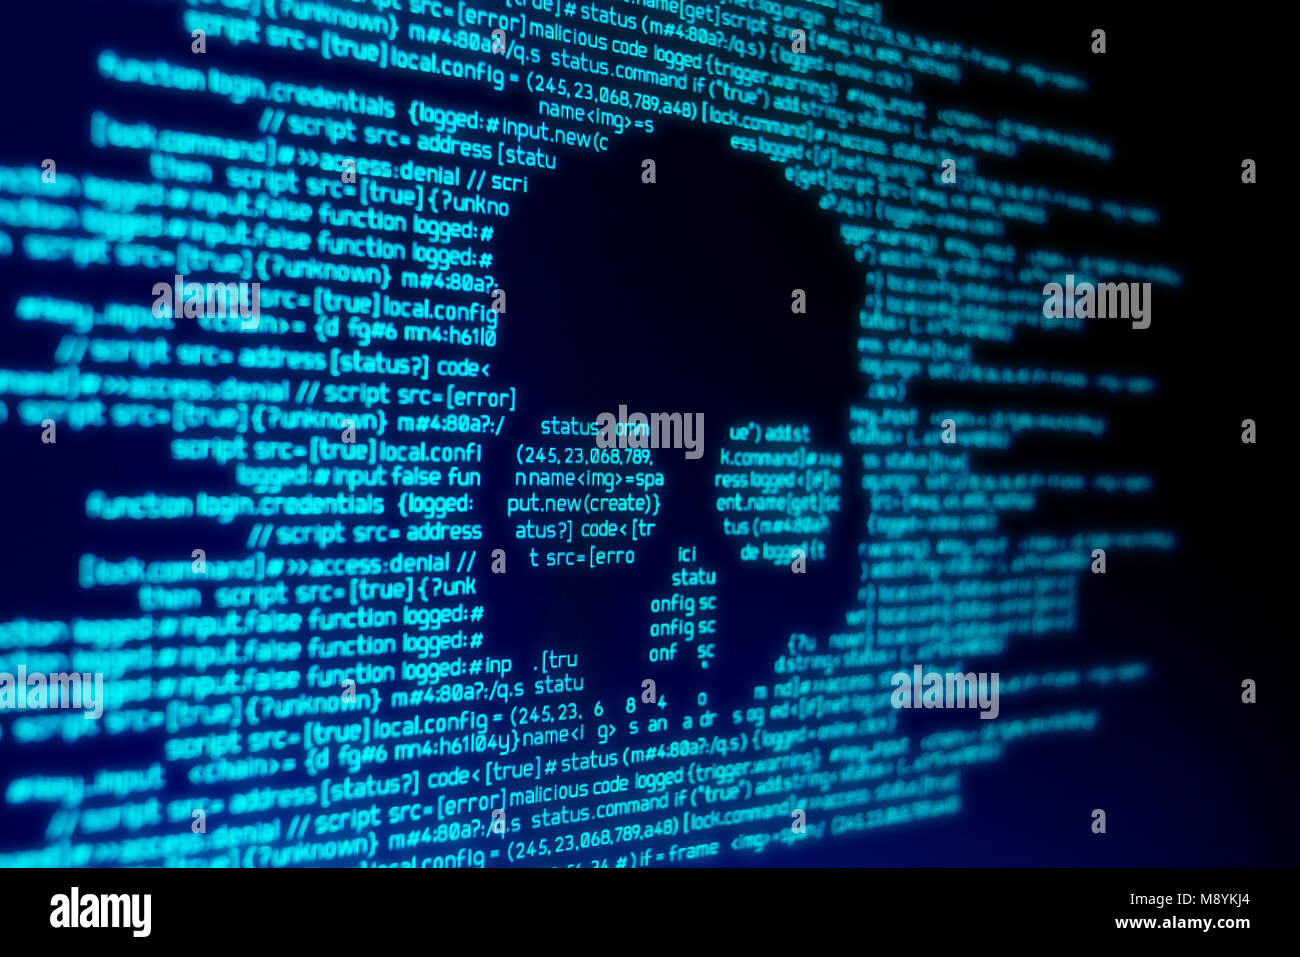 Código informático en una pantalla con una calavera que representa un virus informático / ataque Imagen De Stock